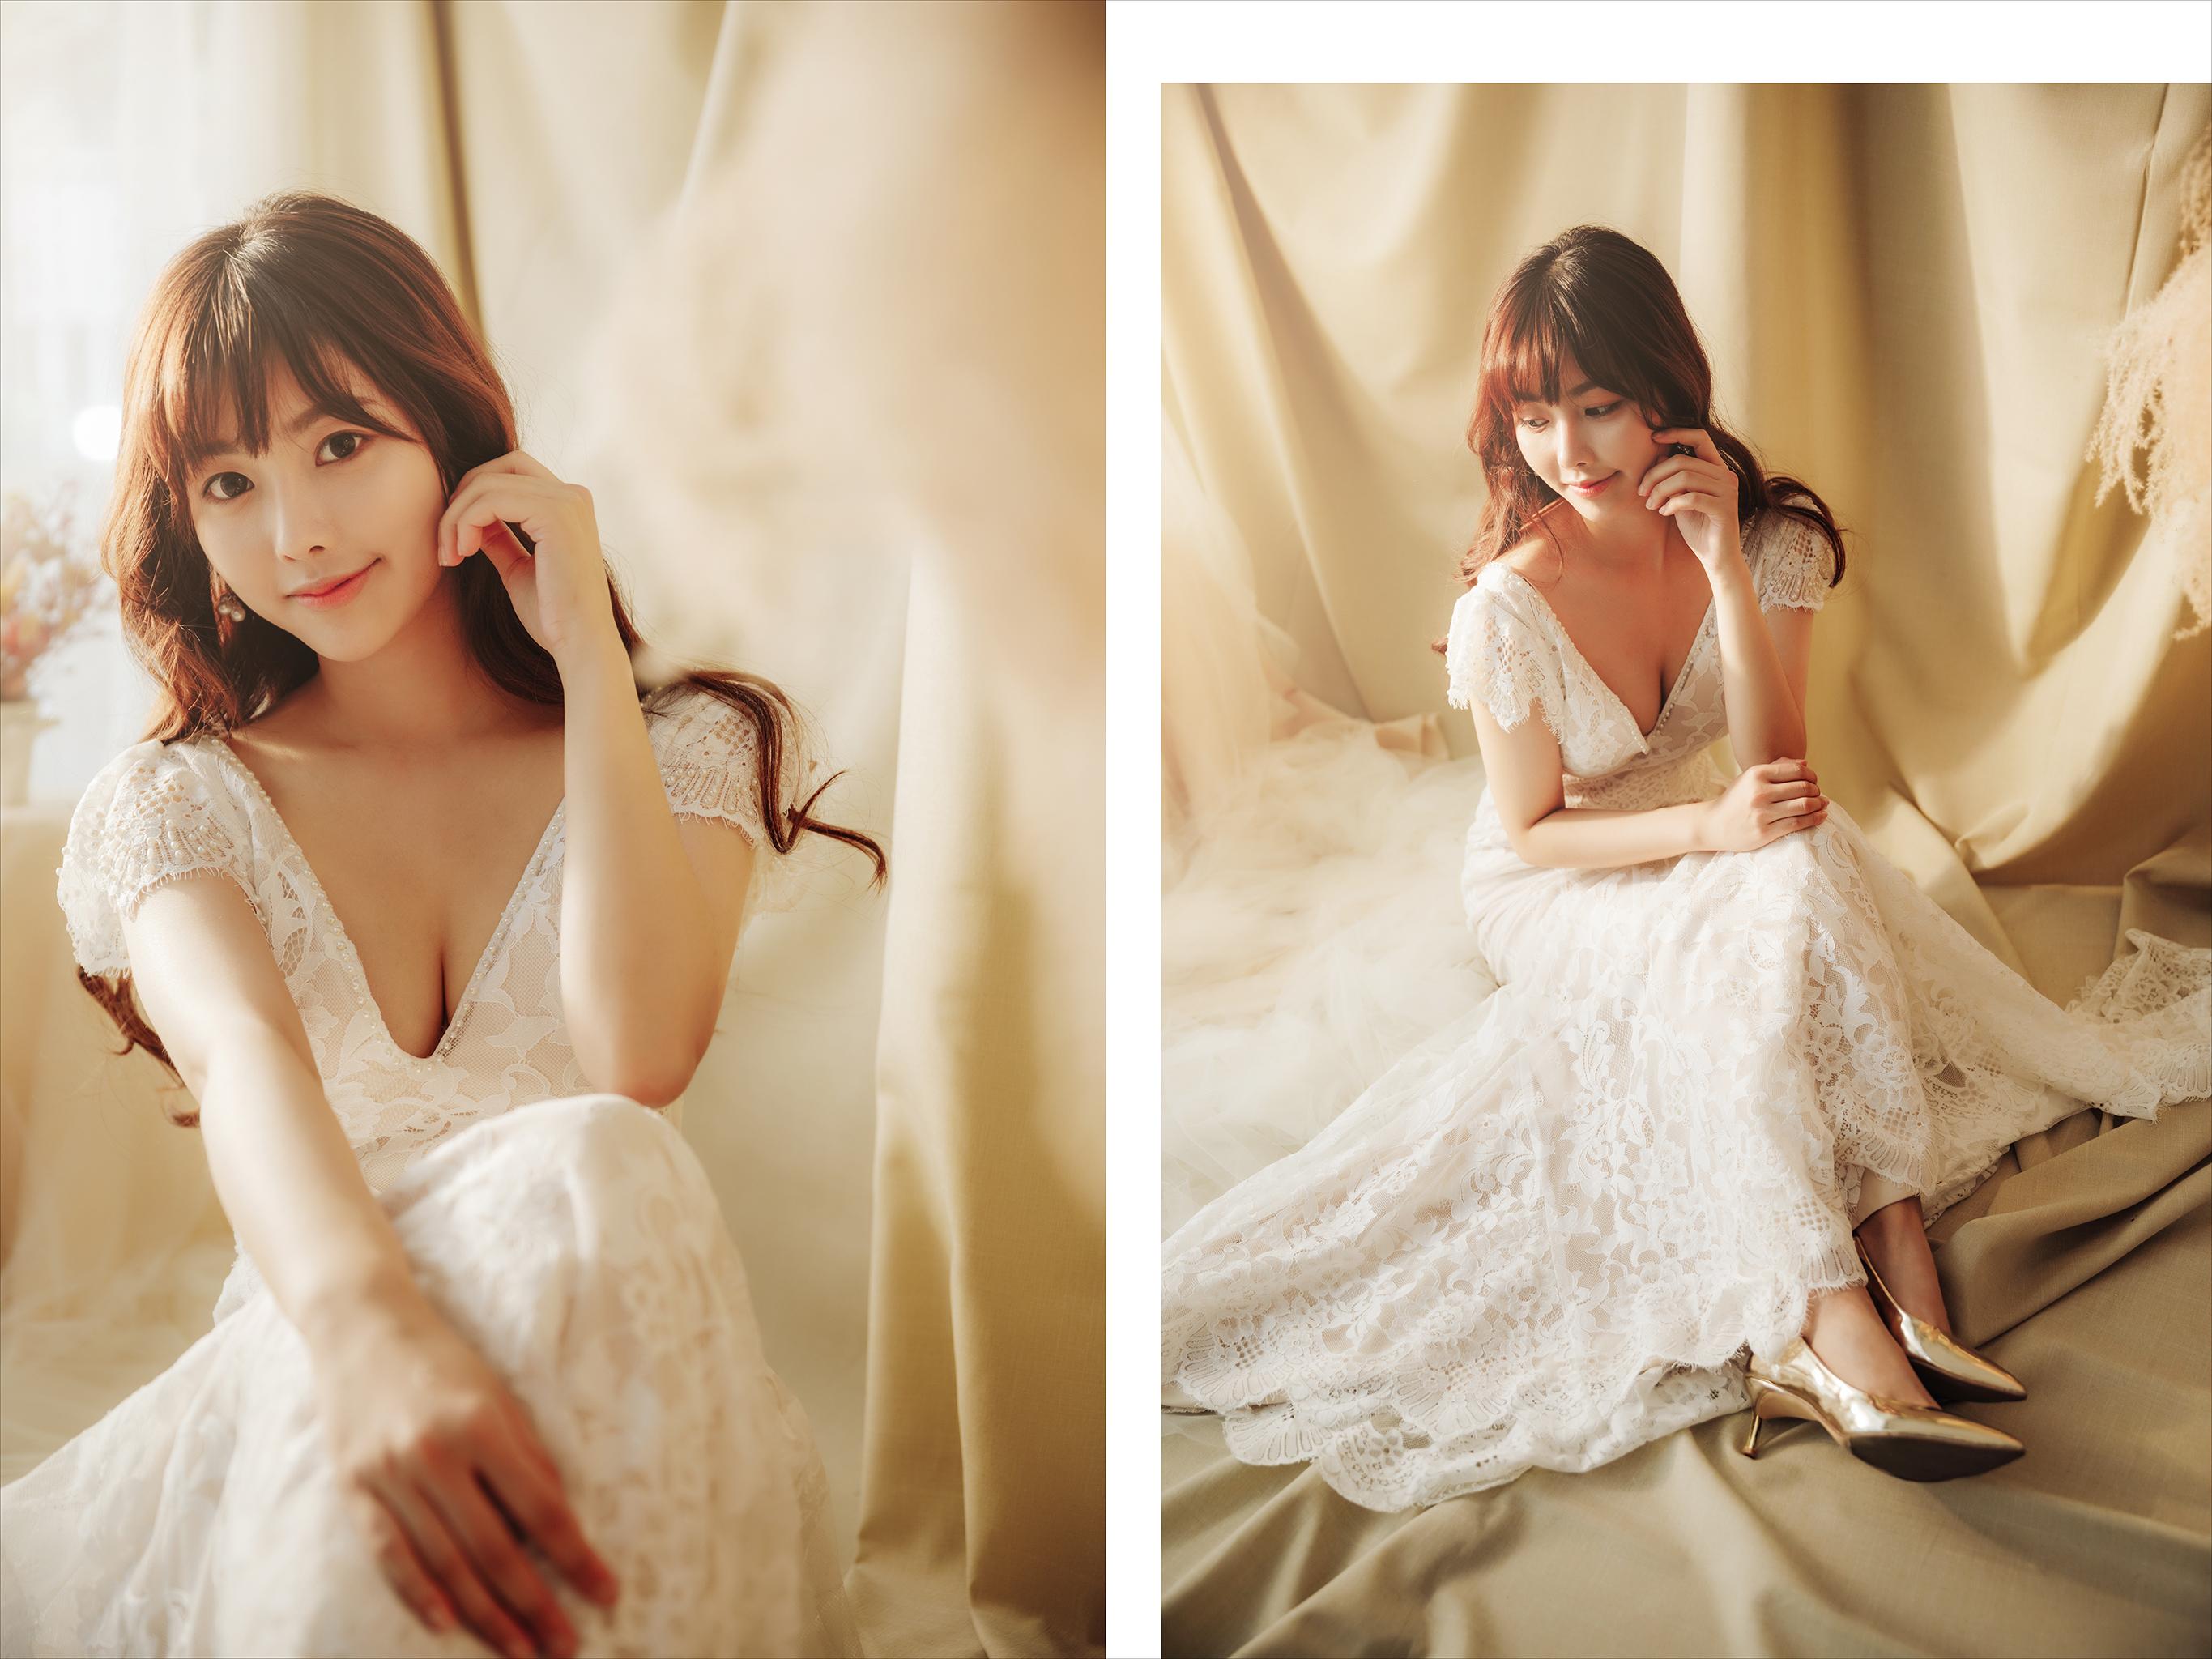 48957150867 701c5b598f o - 【自主婚紗】+Yu+